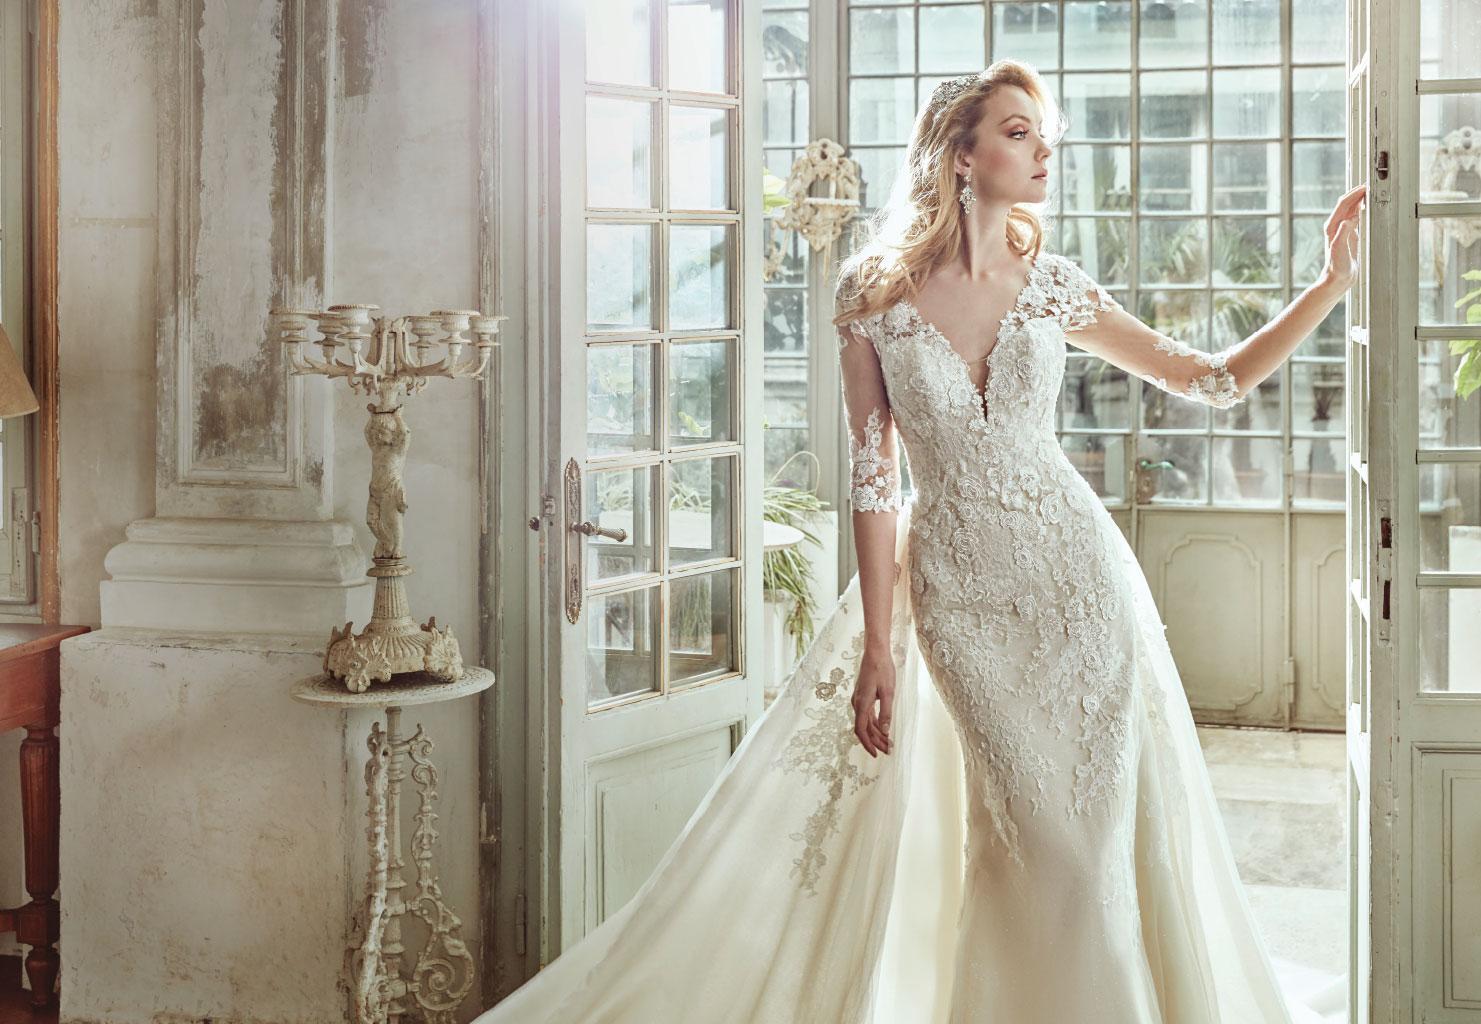 03bae81e3991 tendenze-sposa-2017-nicole - Blog MiamaStore